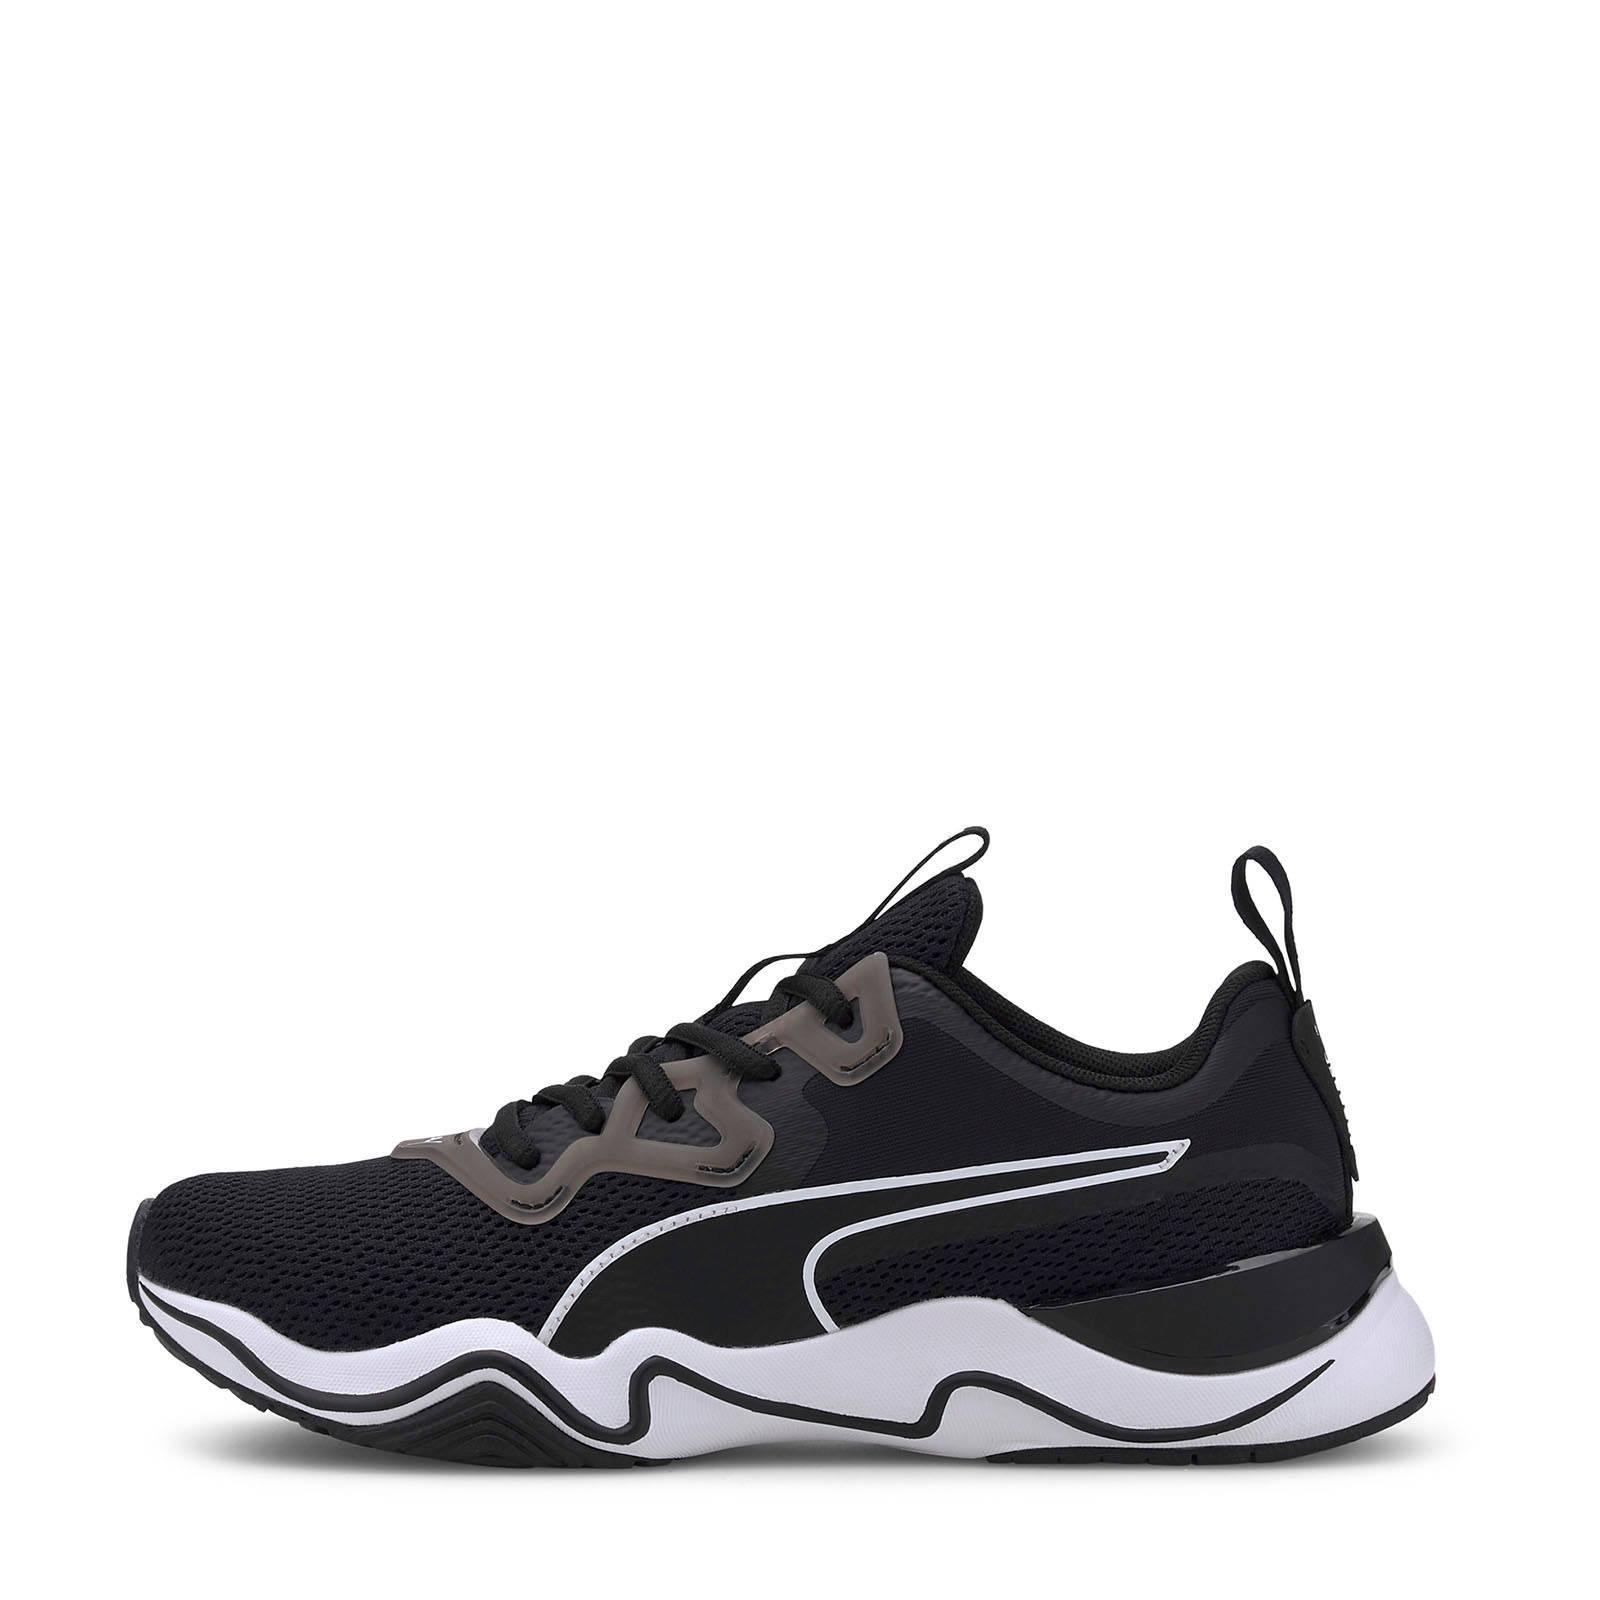 Puma fitness schoenen bij wehkamp Gratis bezorging vanaf 20.